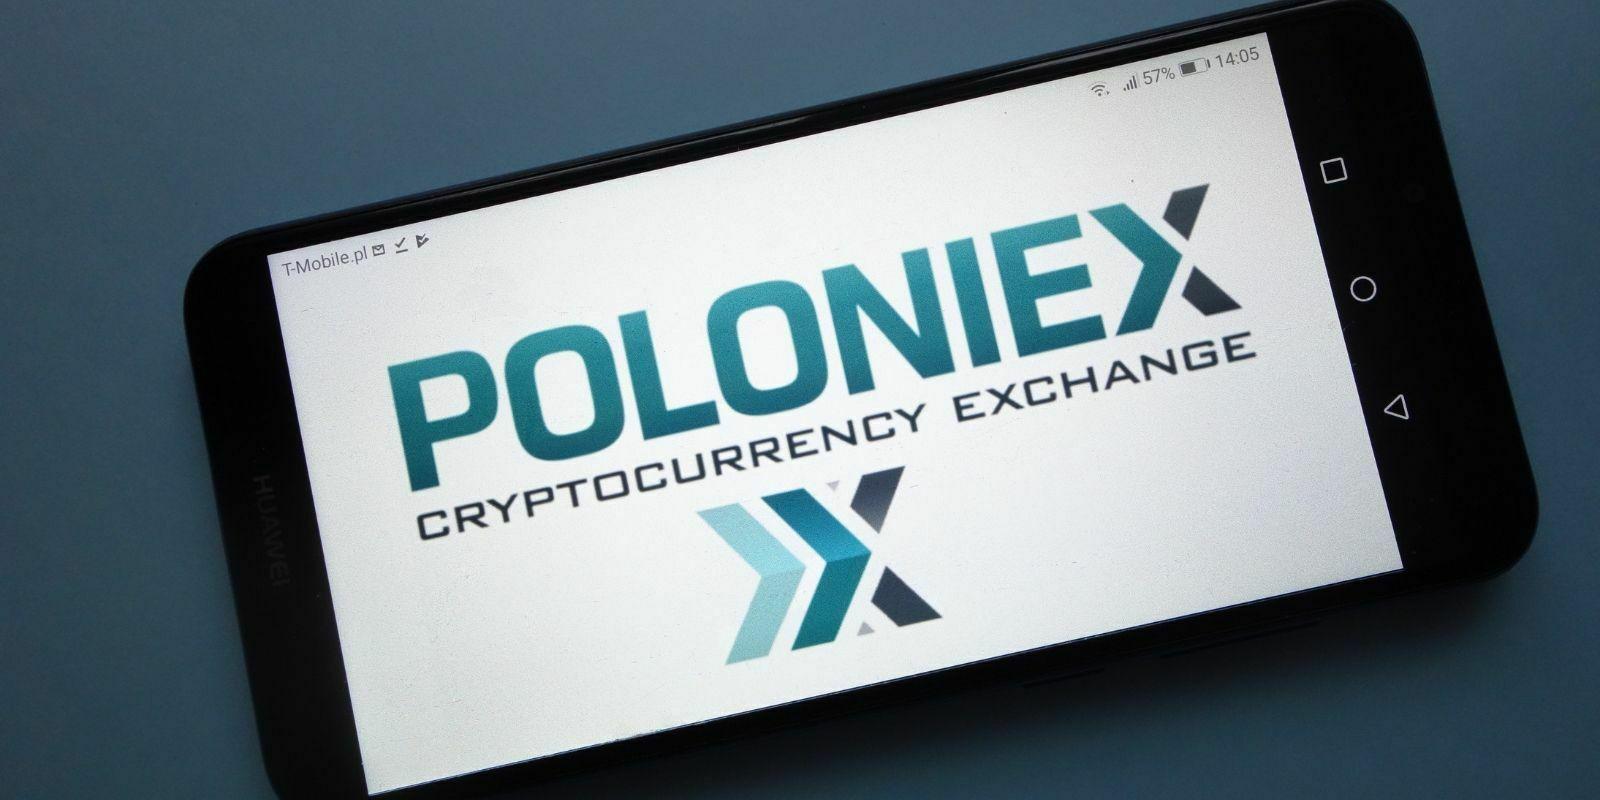 Poloniex Logo sur Smartphone